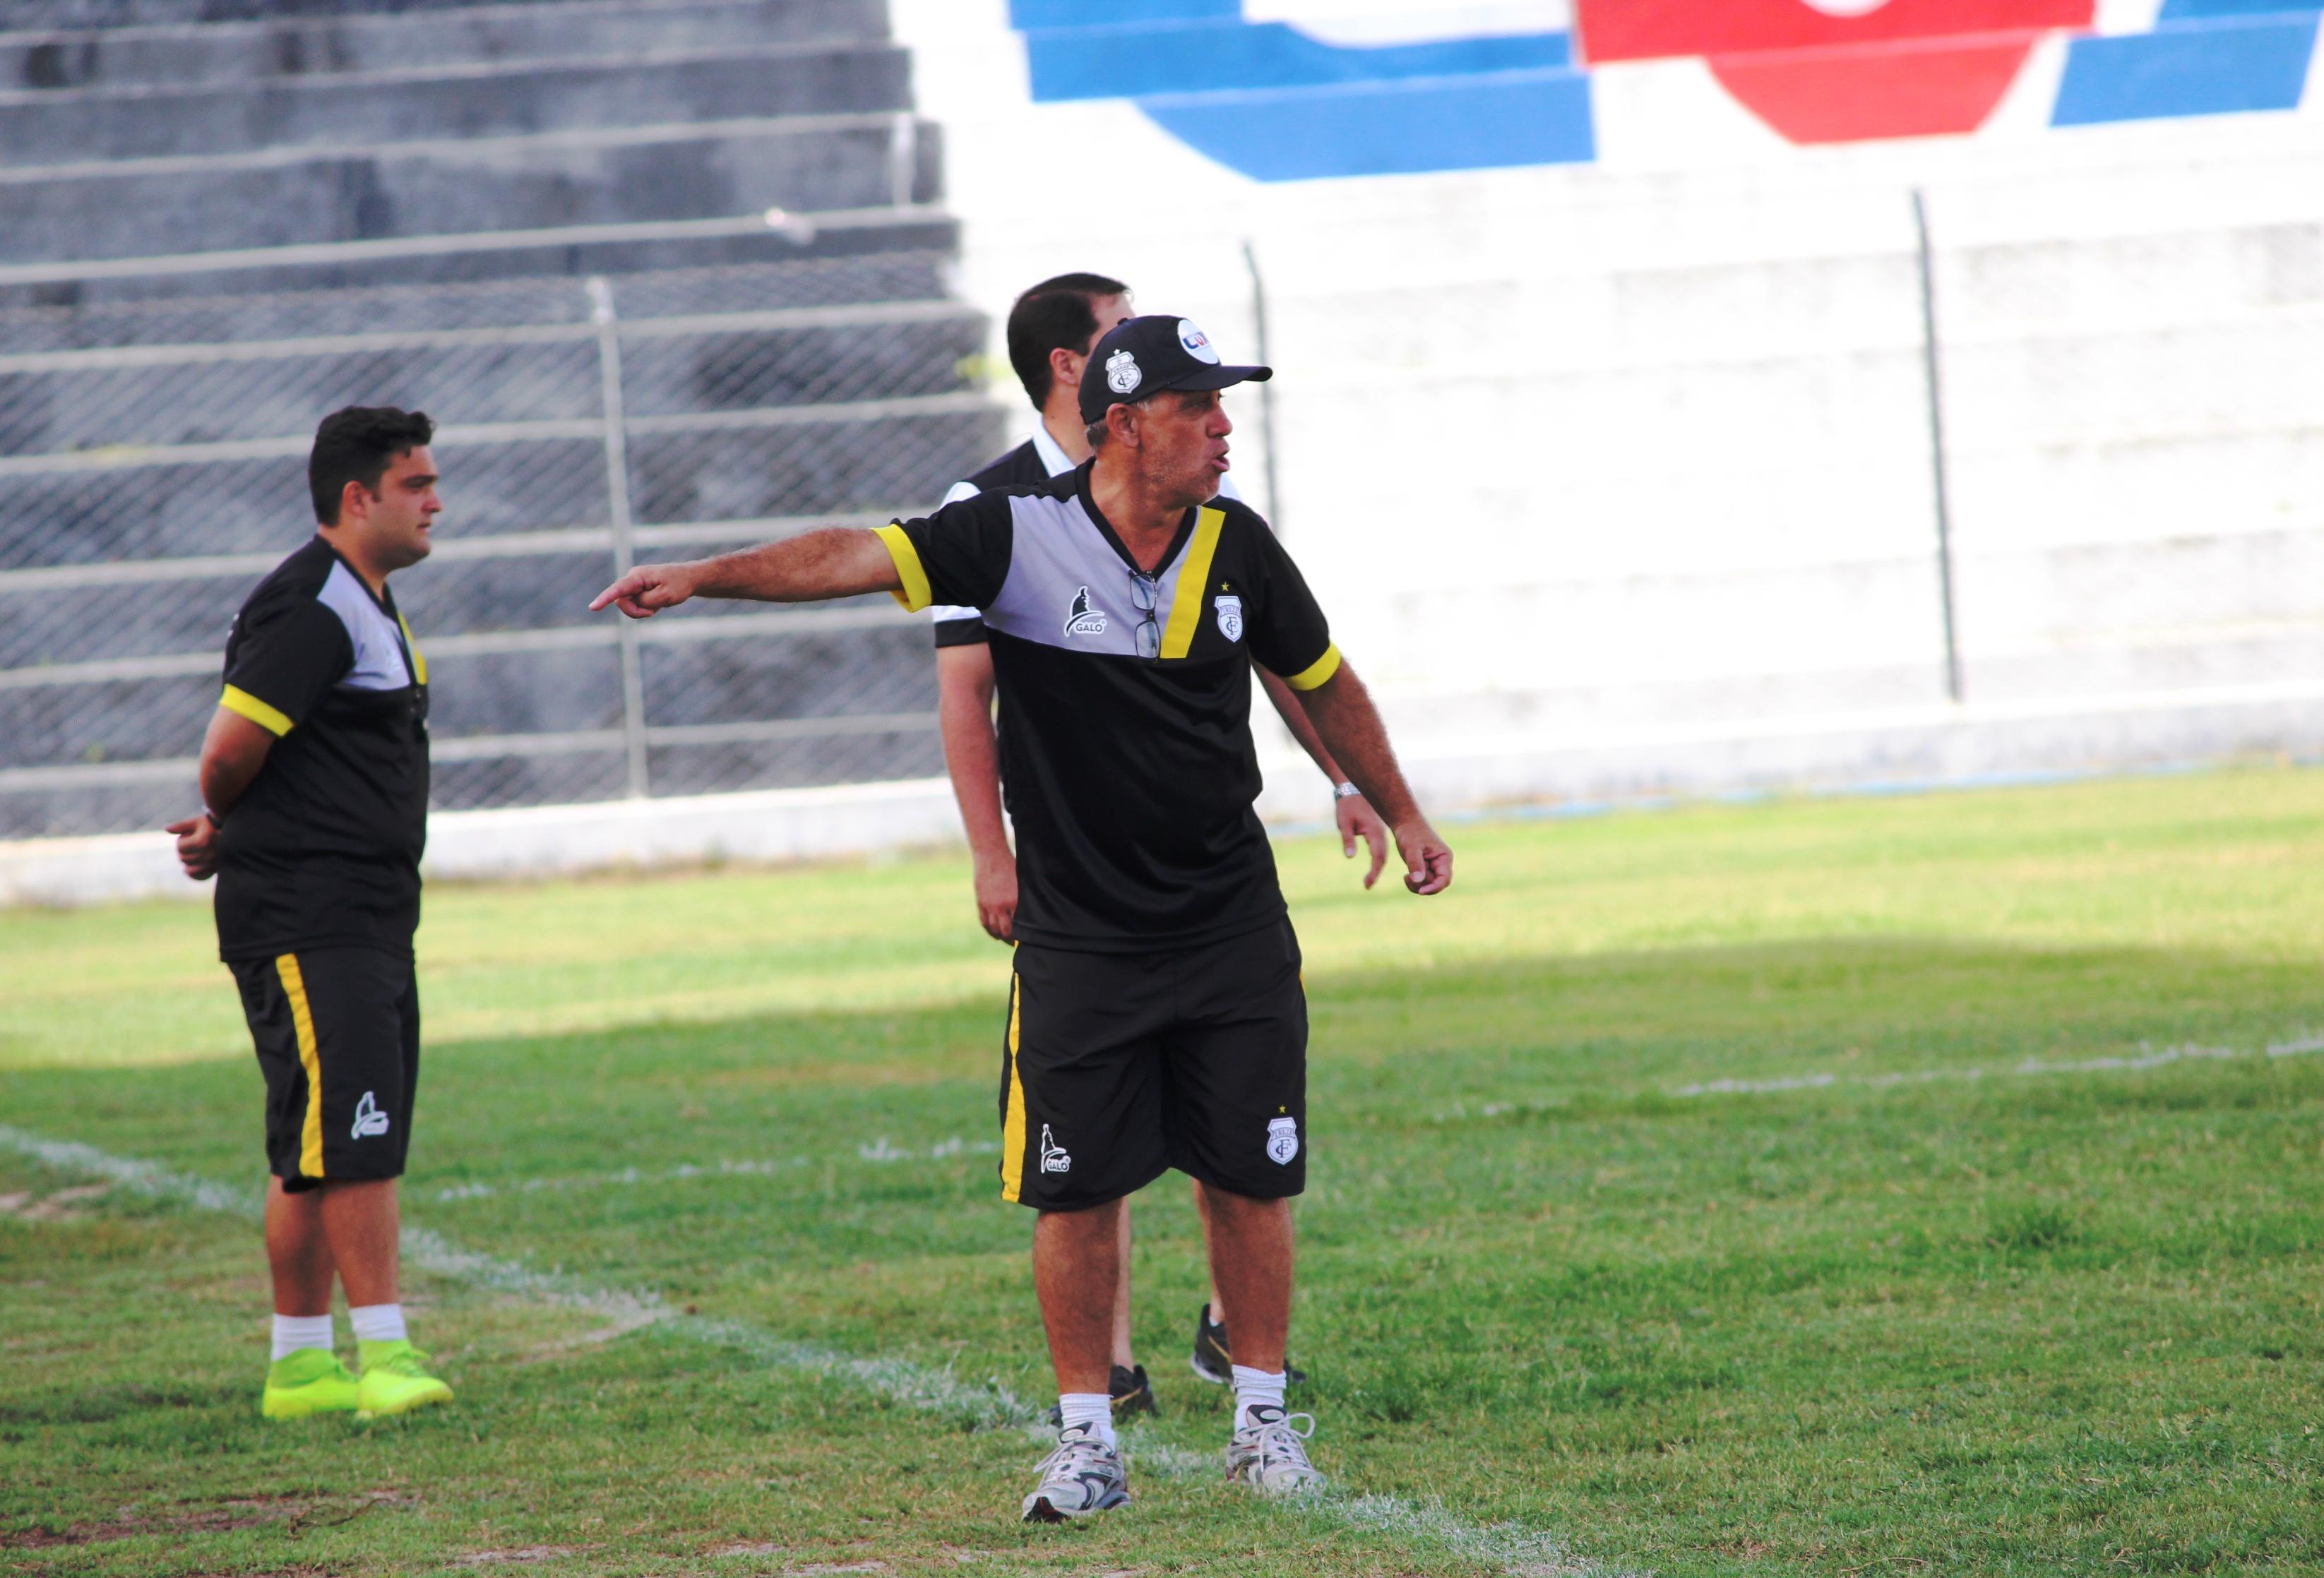 PB Esportes Celso comanda coletivo com novidades no time titular ... 23abad297262a